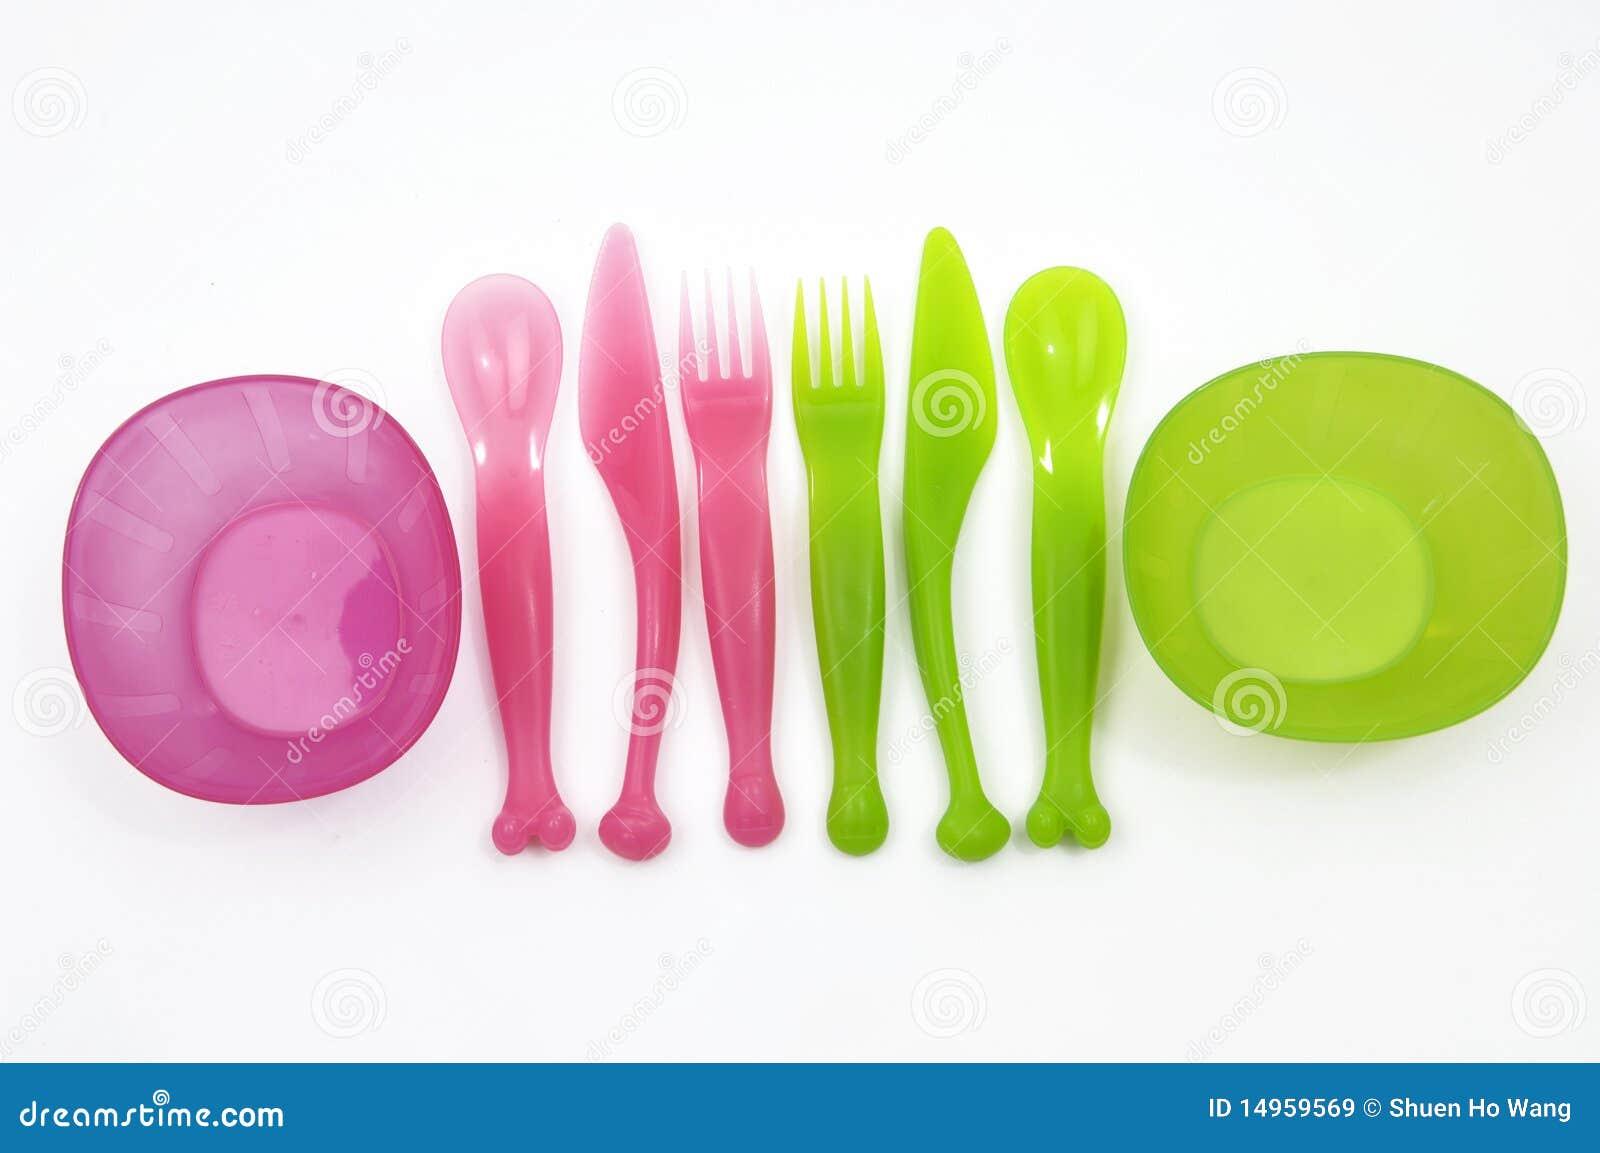 Forks plast-